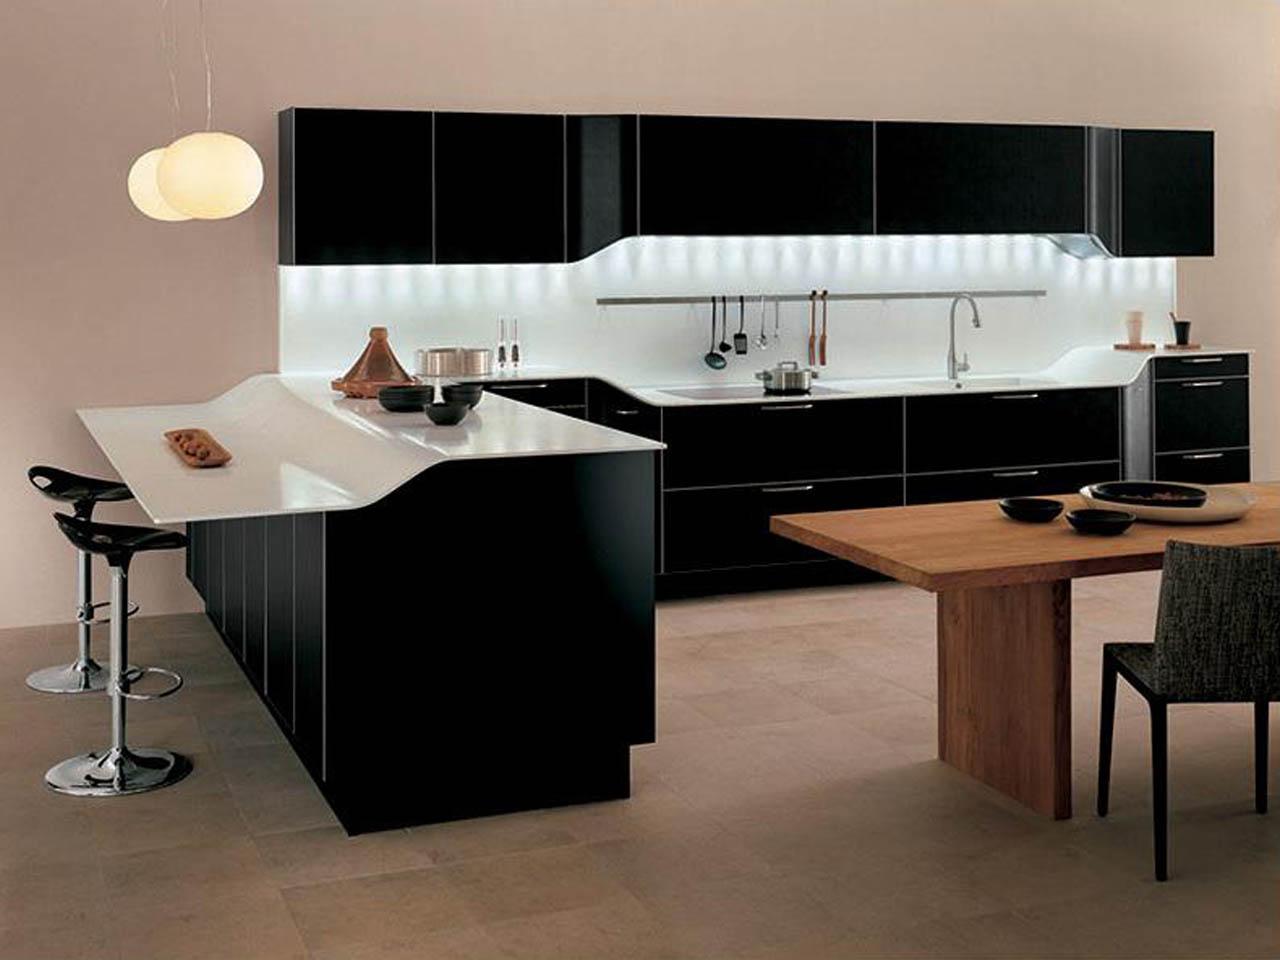 ultramoderne-ikea-armoires-de-cuisine-armoire-de-peinture-noire-style-contemporain-et-étonnants-blanc-brillant-comptoirs-aussi-créatif-caché-lumière-décor-sous-mur-rangement-avec-rta-cuisine- armoires et qualité